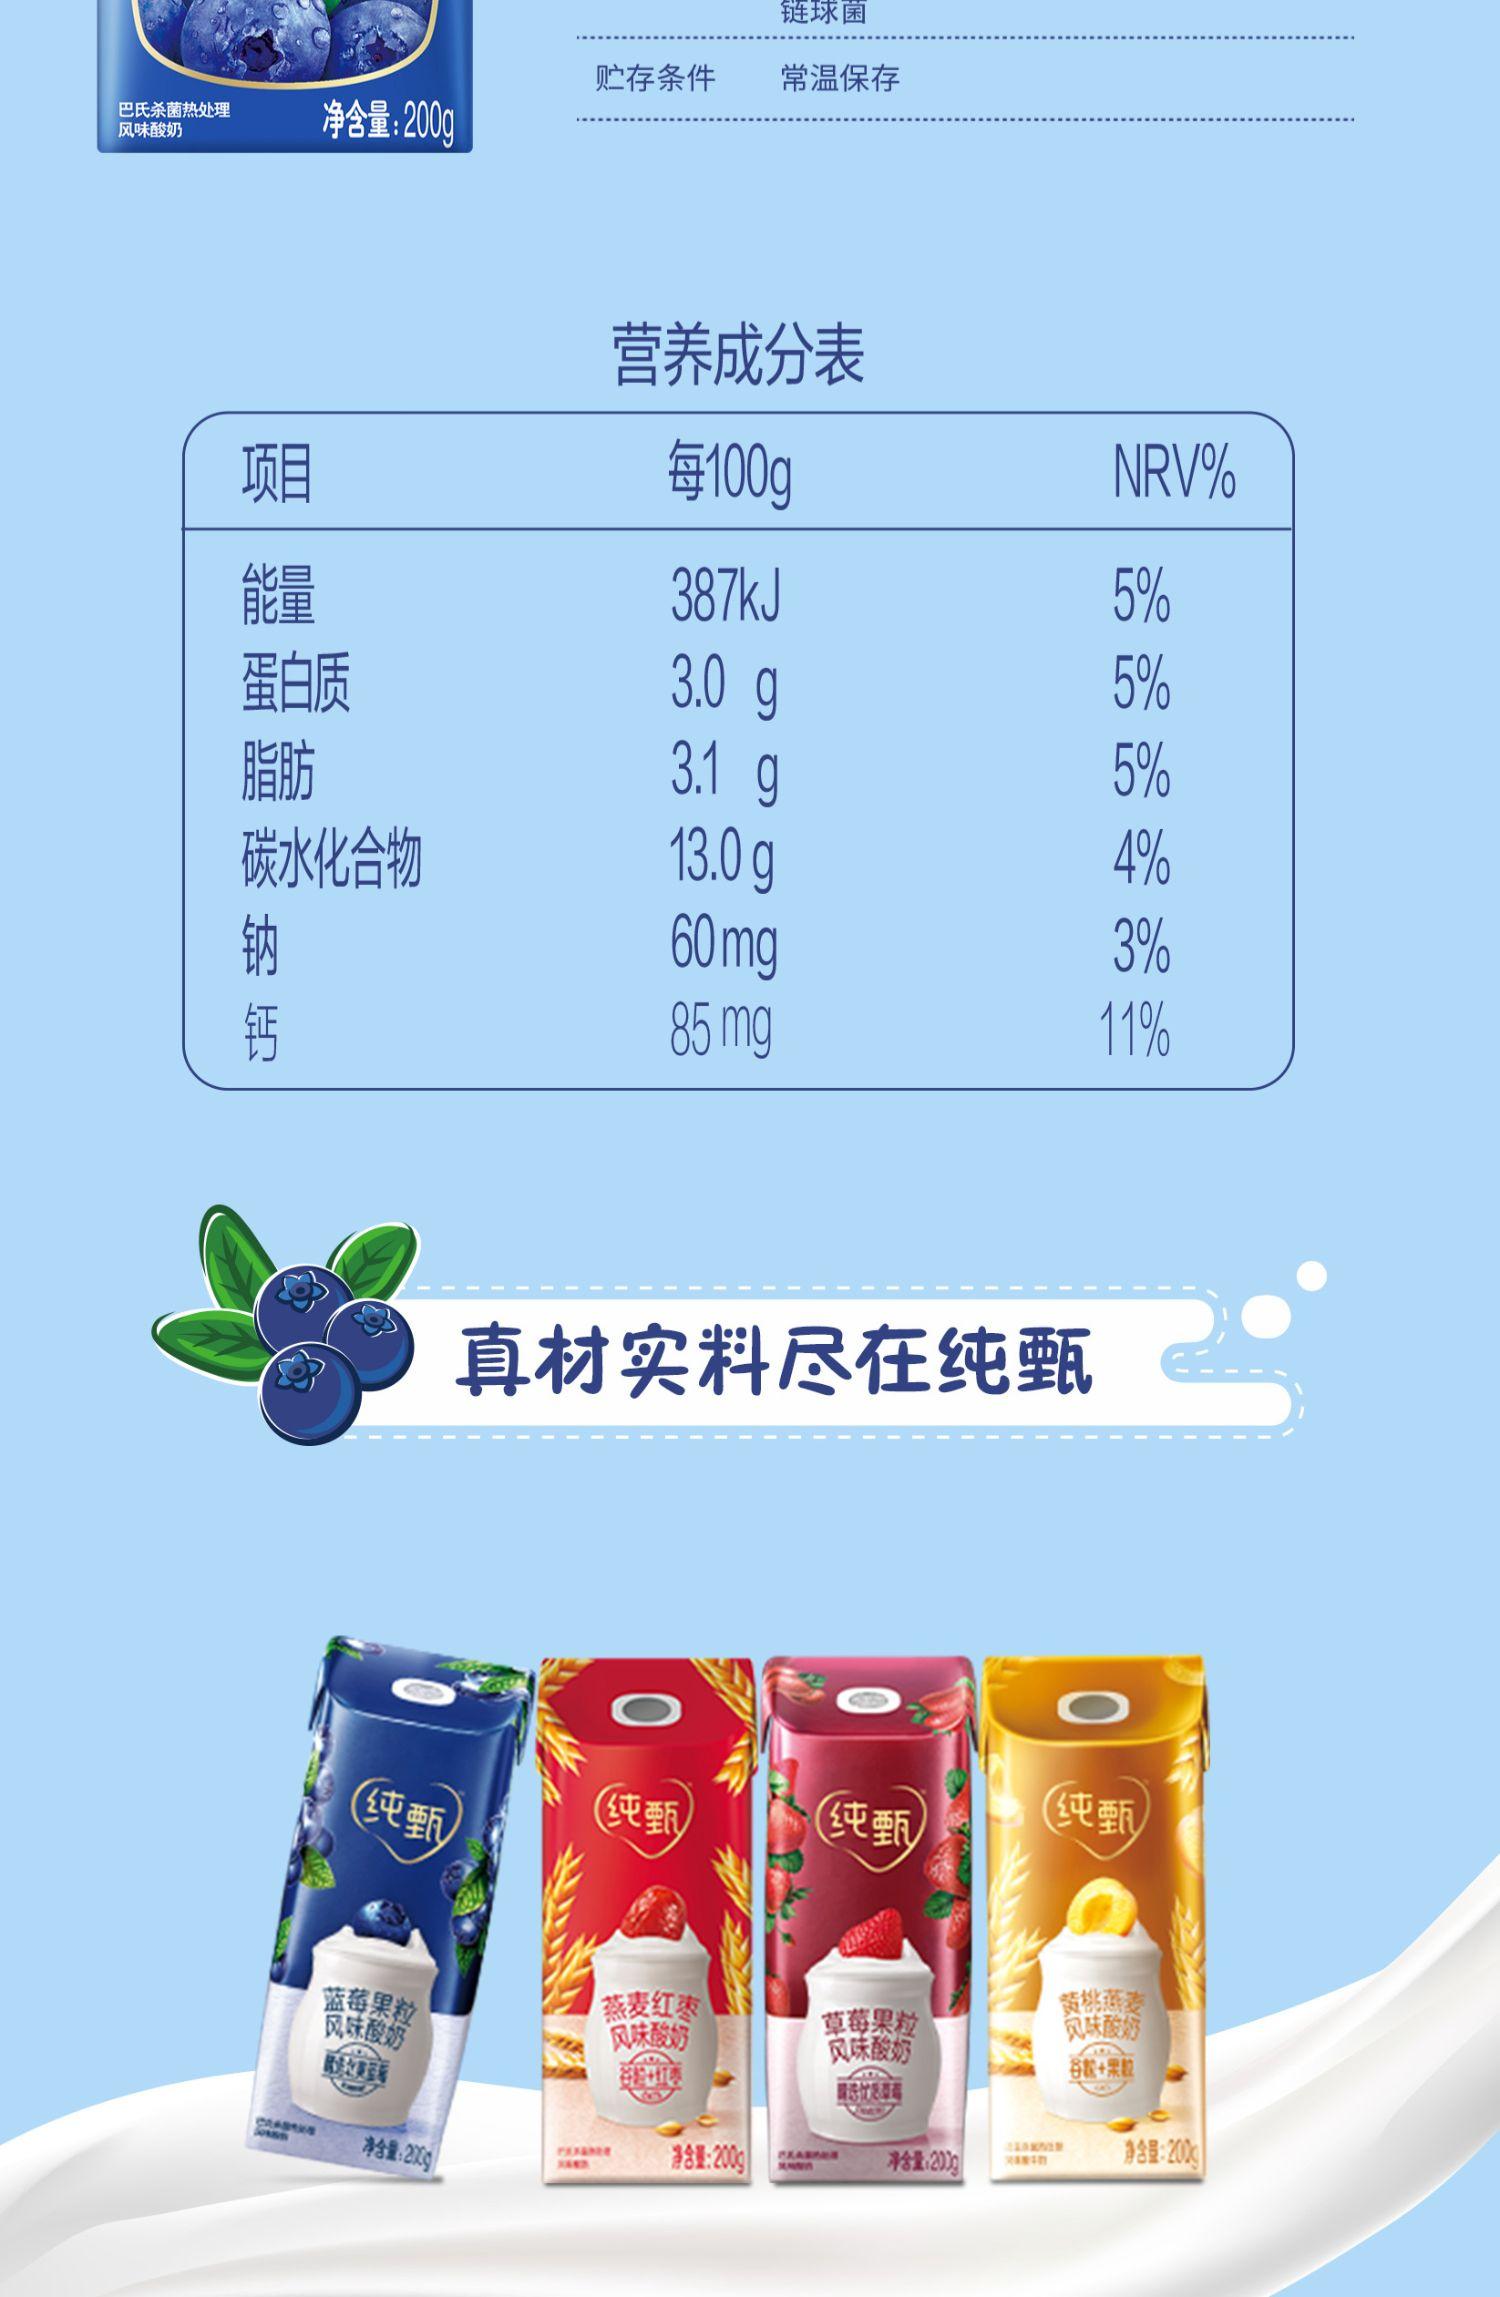 【纯甄】蓝莓草莓风味酸奶200g*20盒